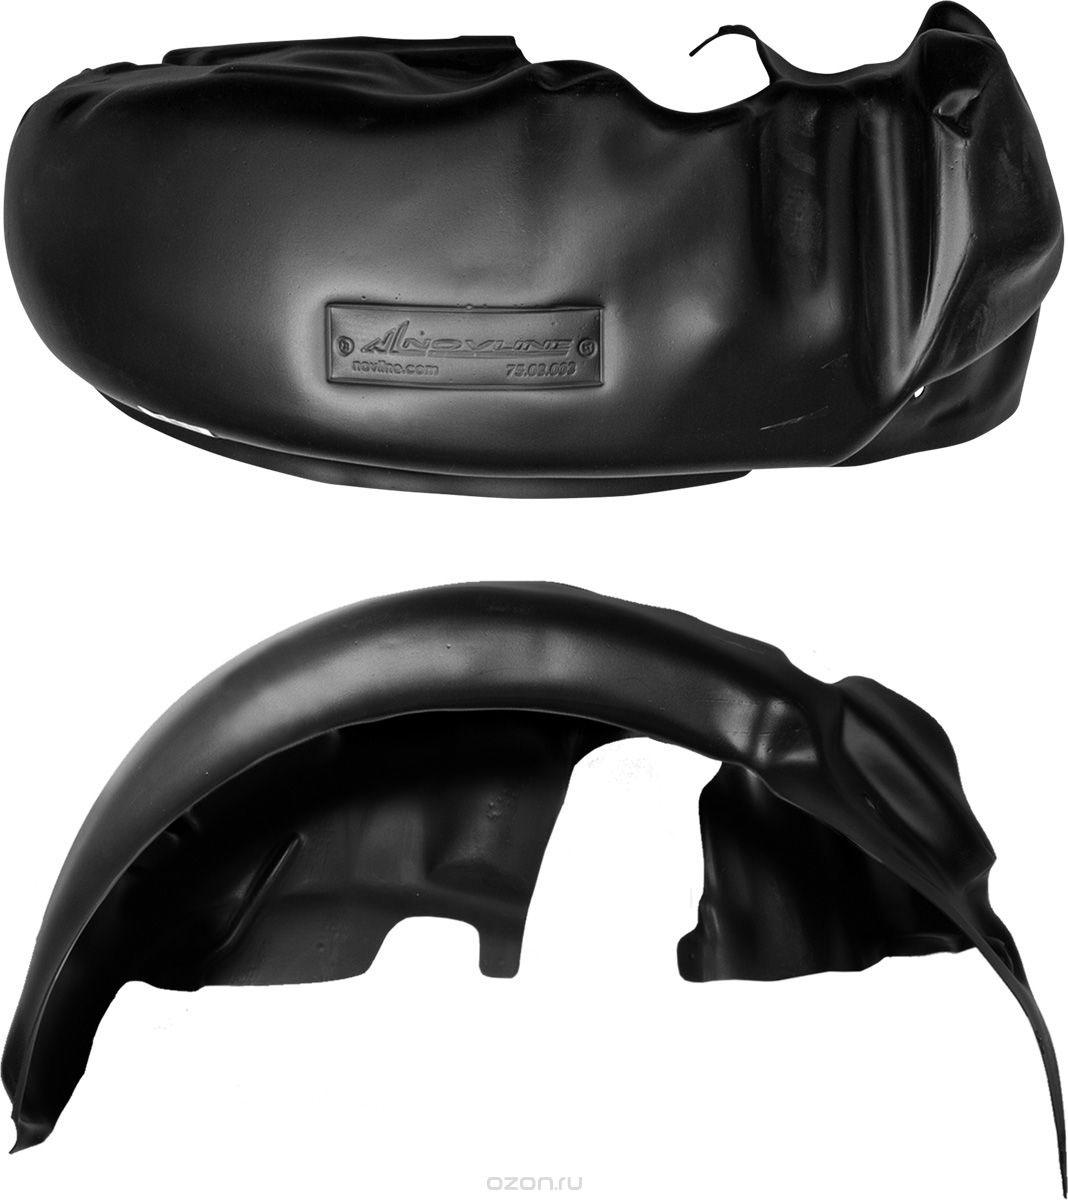 Подкрылок Novline-Autofamily, для NISSAN X-Trail, T32, 2015->, передний правыйNLL.36.48.002Идеальная защита колесной ниши. Локеры разработаны с применением цифровых технологий, гарантируют максимальную повторяемость поверхности арки. Изделия устанавливаются без нарушения лакокрасочного покрытия автомобиля, каждый подкрылок комплектуется крепежом. Уважаемые клиенты, обращаем ваше внимание, что фотографии на подкрылки универсальные и не отражают реальную форму изделия. При этом само изделие идет точно под размер указанного автомобиля.